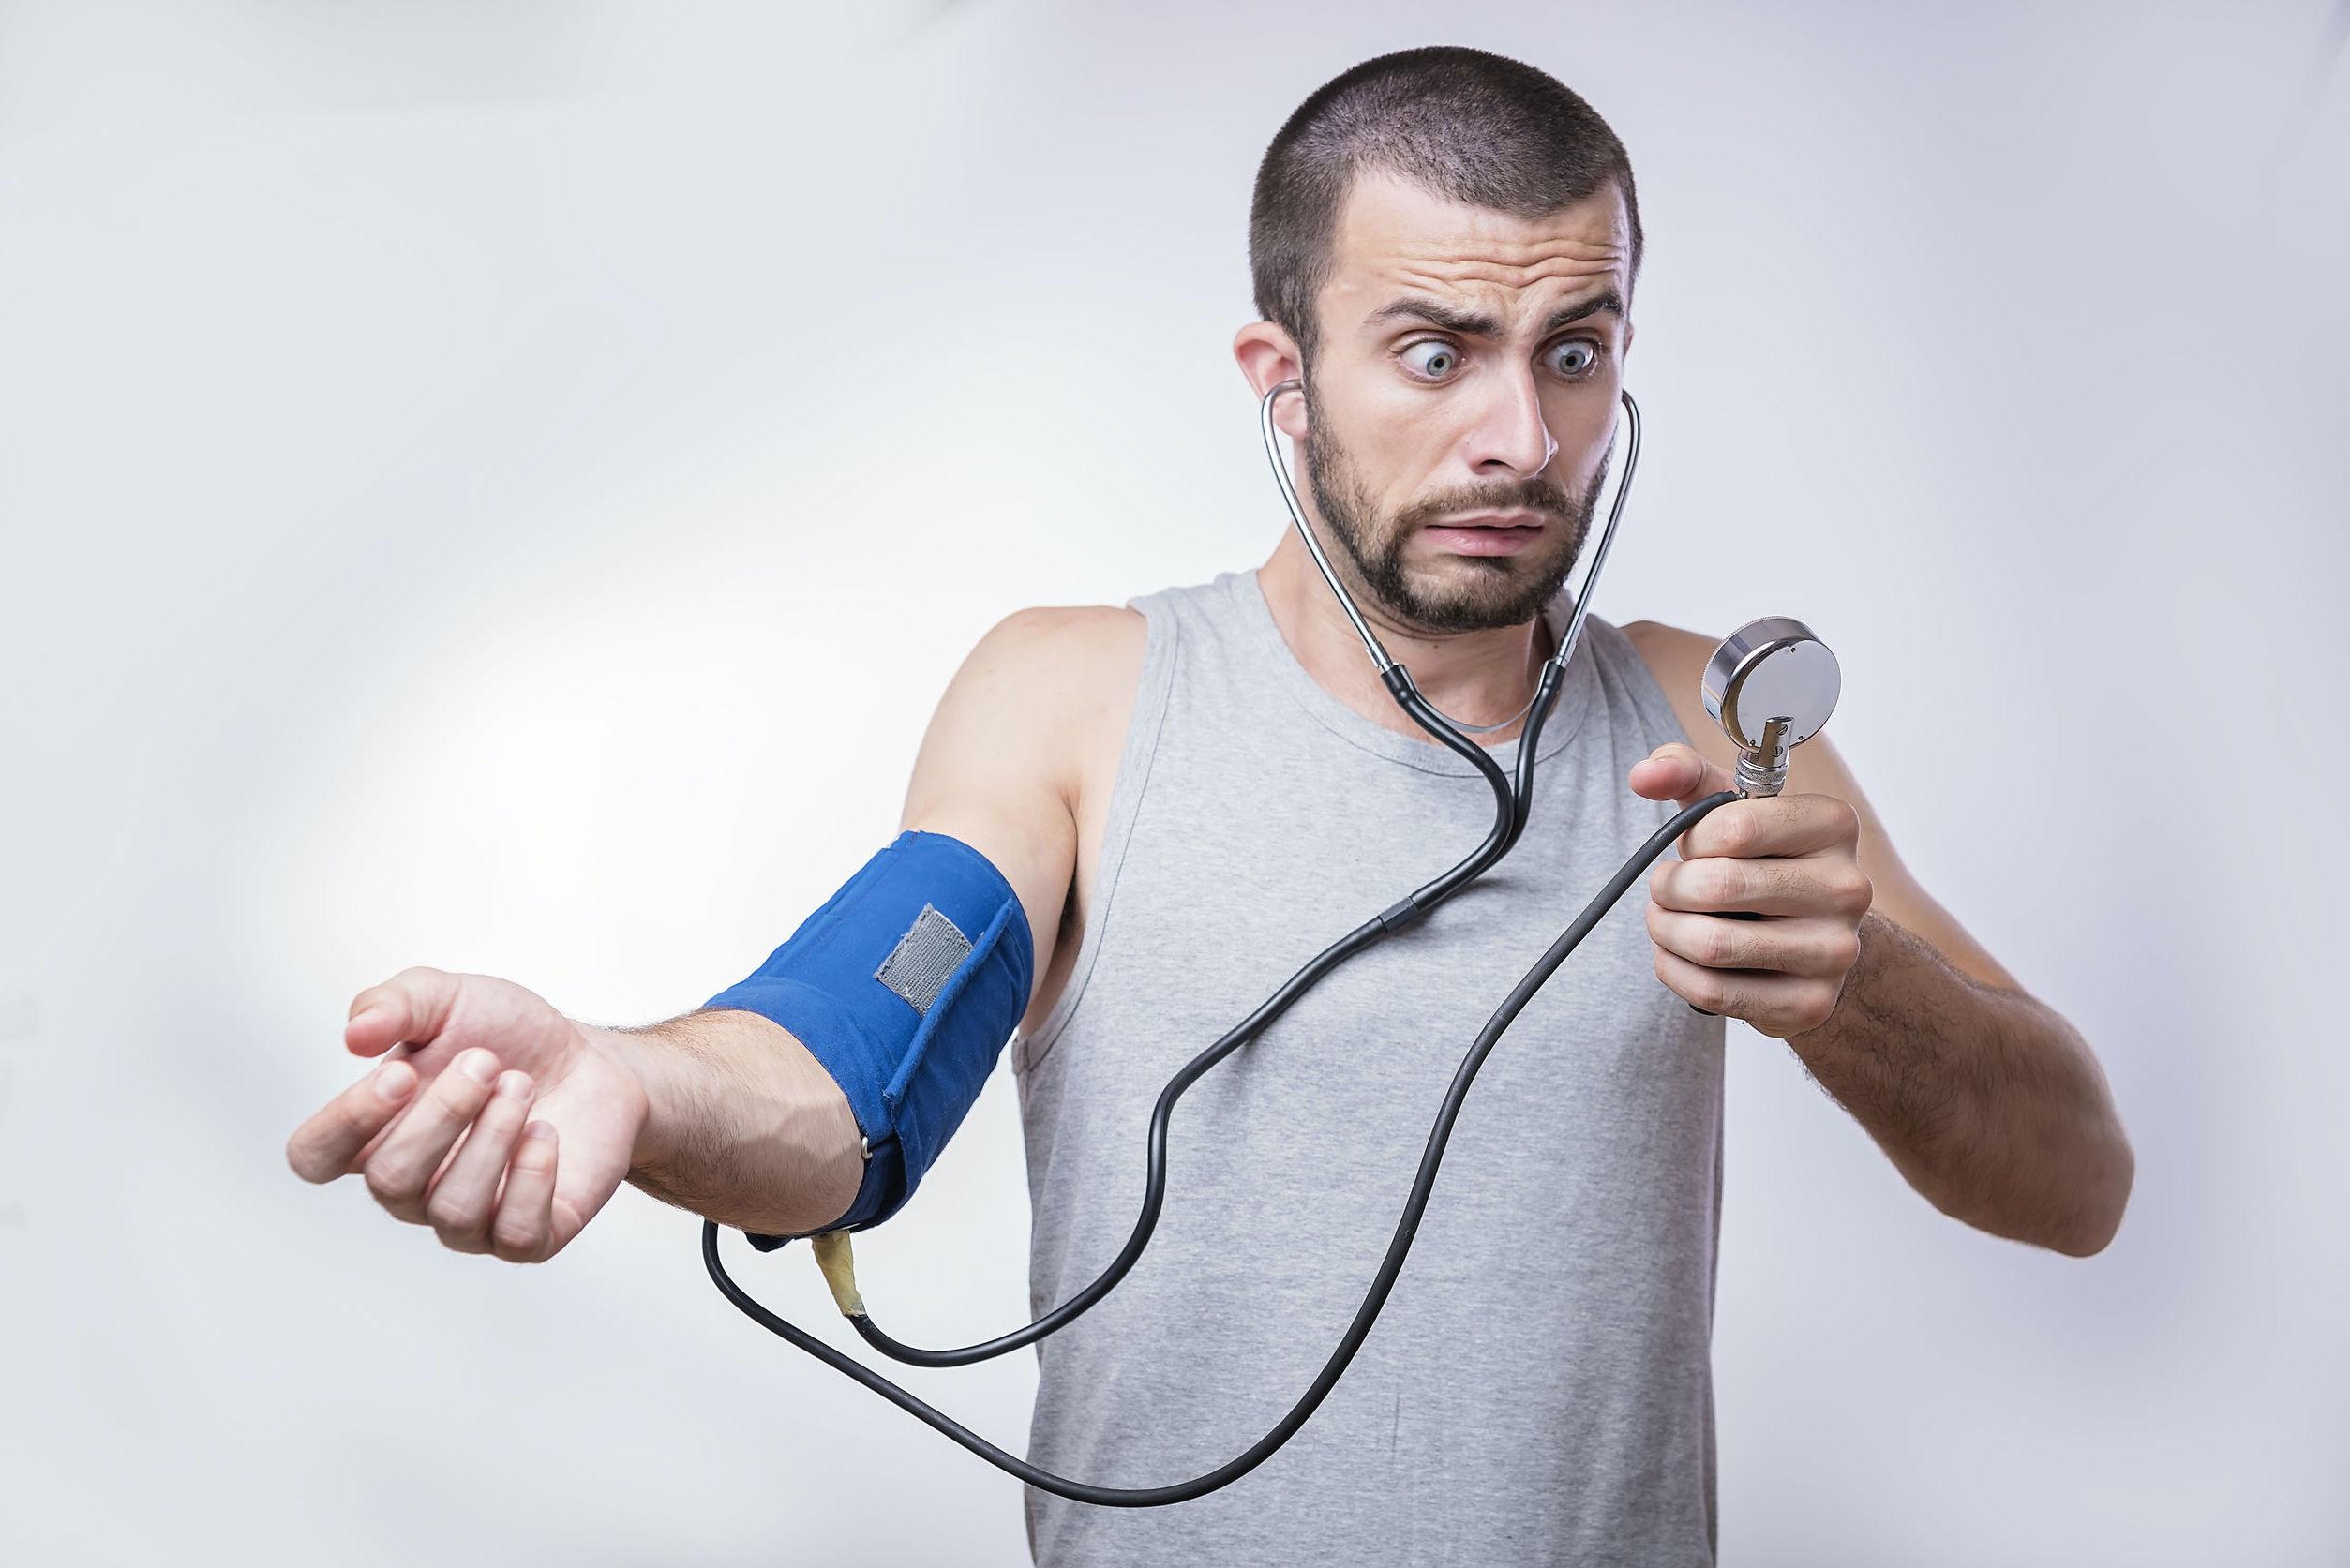 magas vérnyomás esetén lehetséges-e futni)